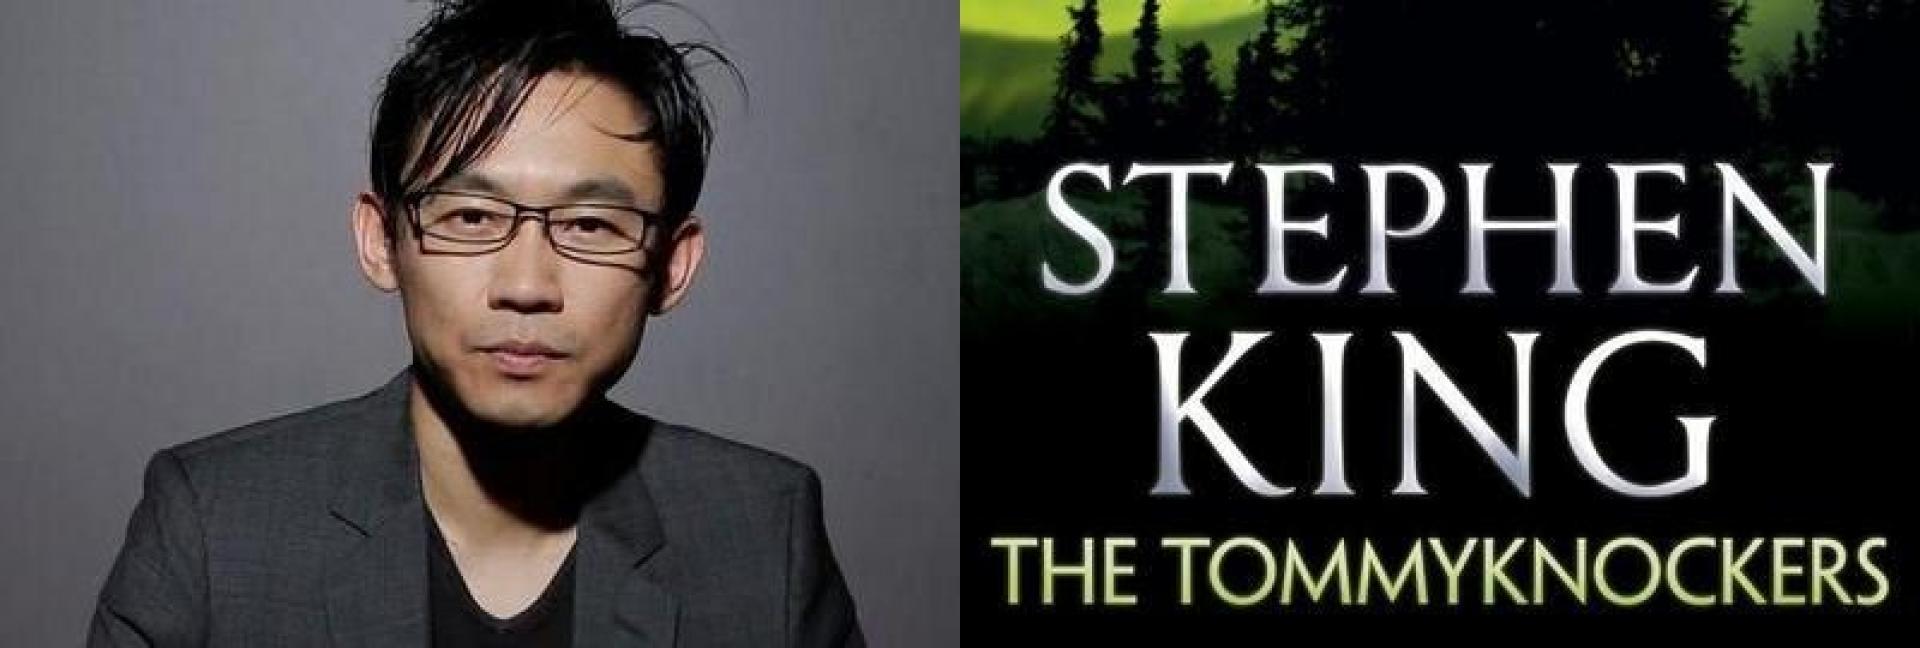 Újabb Stephen King adaptációnak örülhetünk